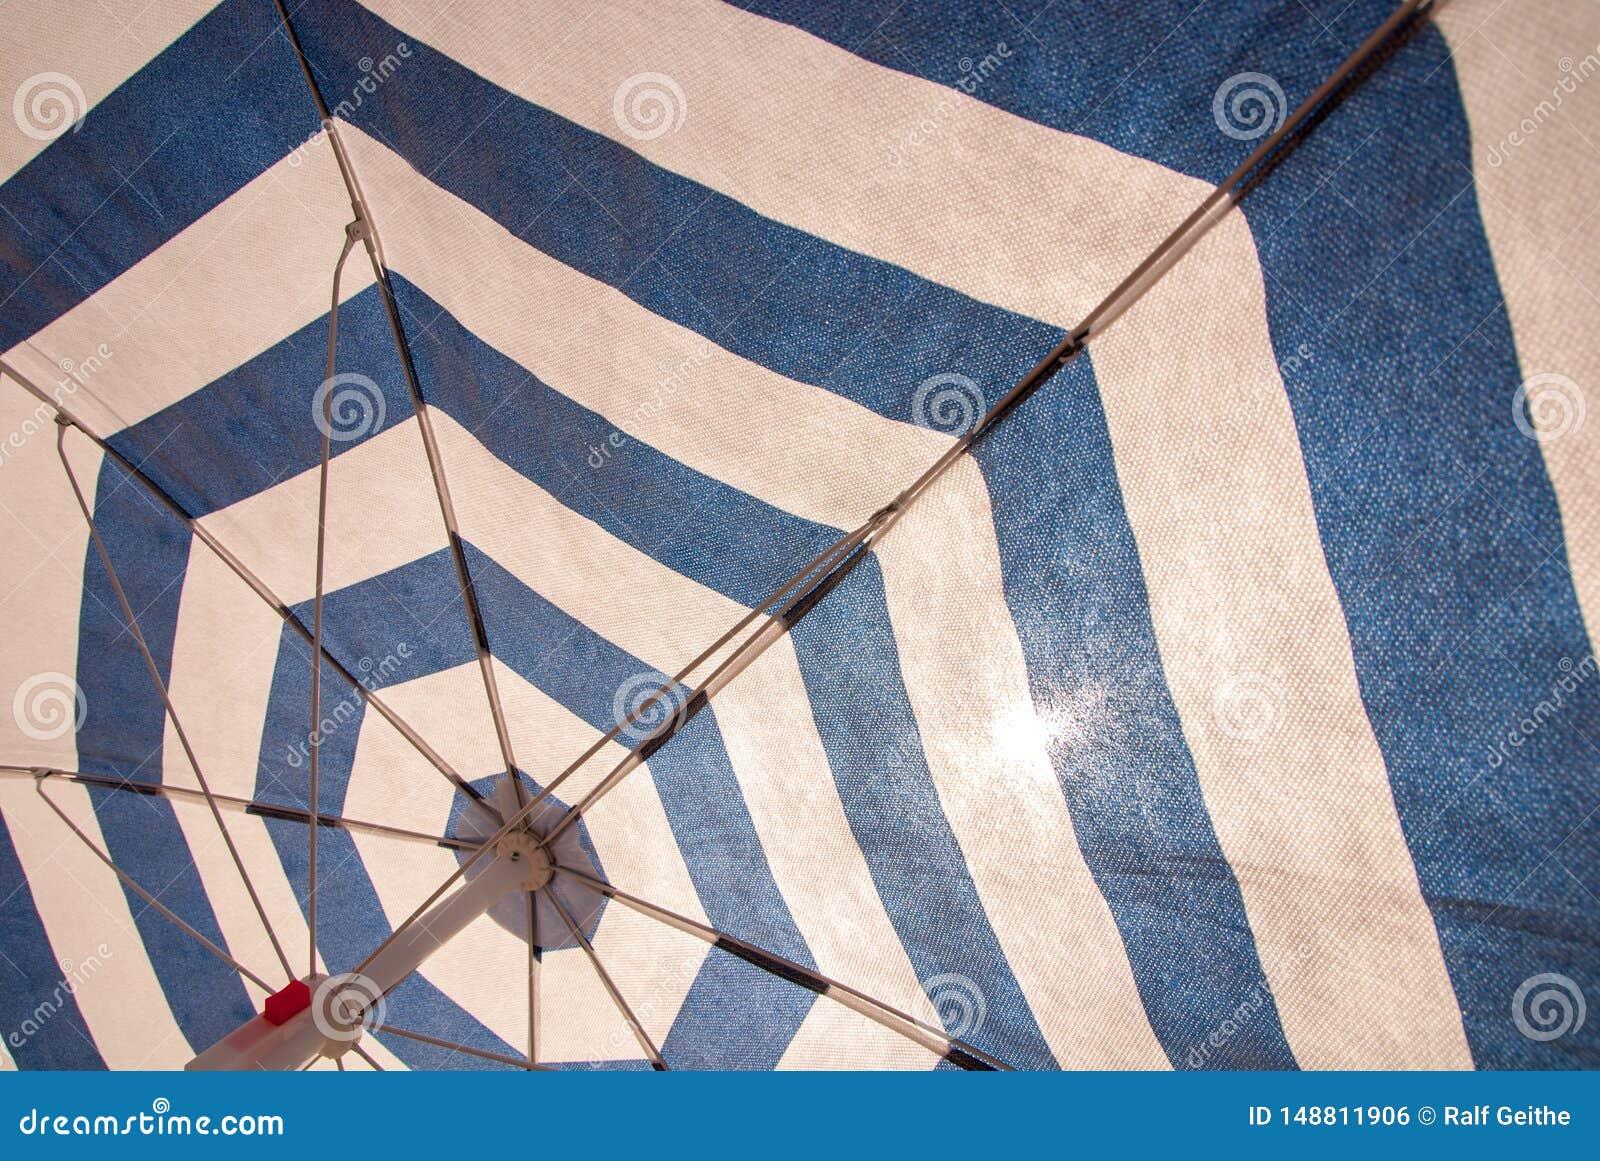 Parasol branco azul como um fundo